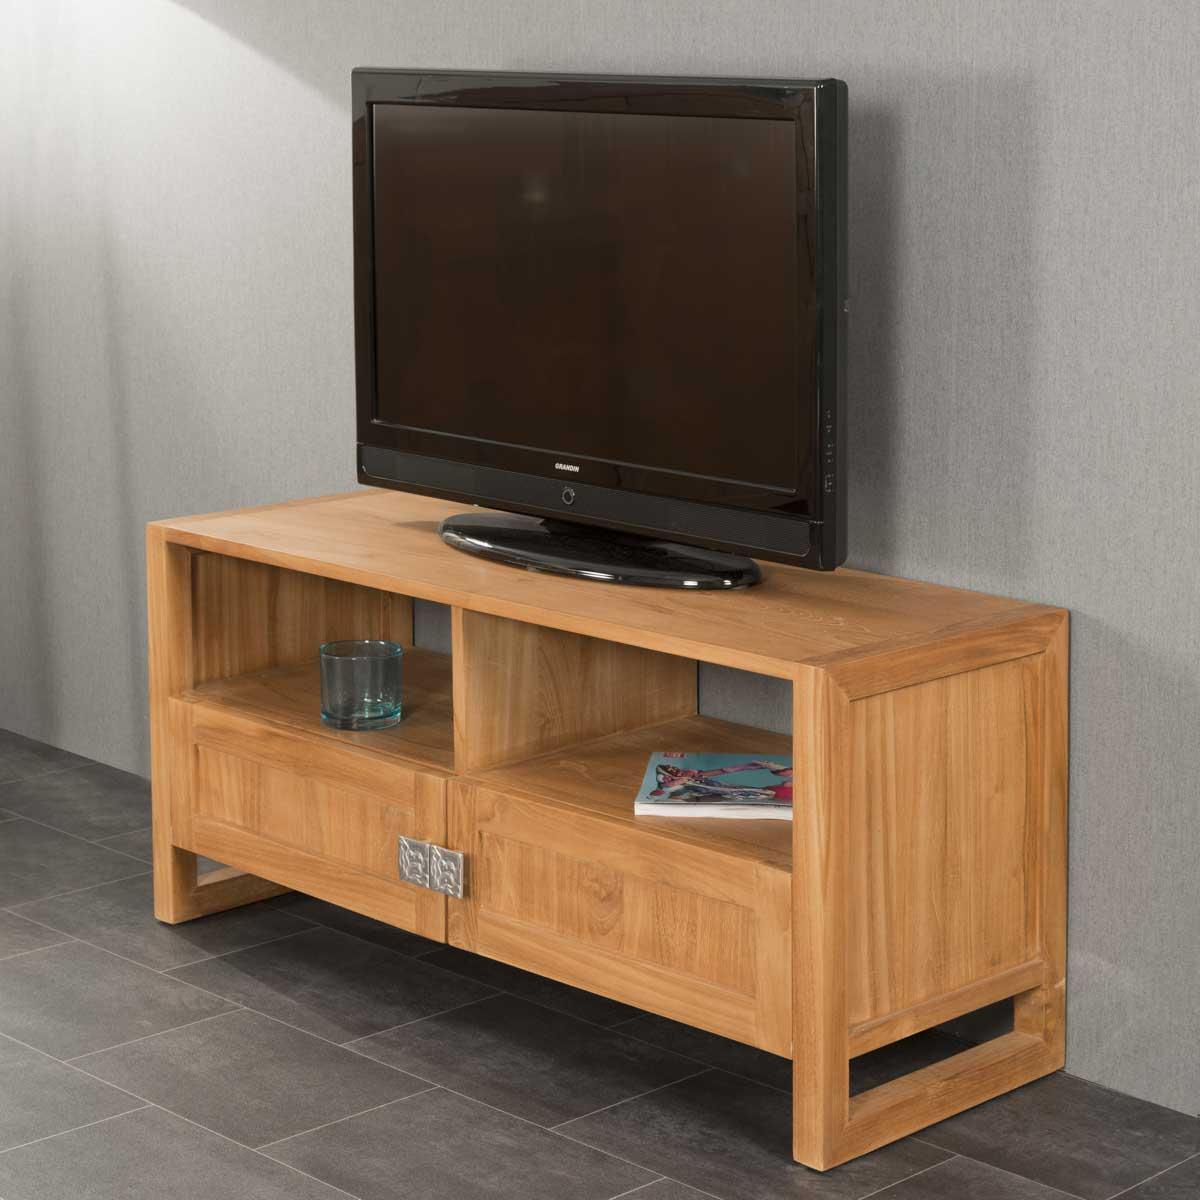 Wanda Collection Meuble TV en teck Thea 110